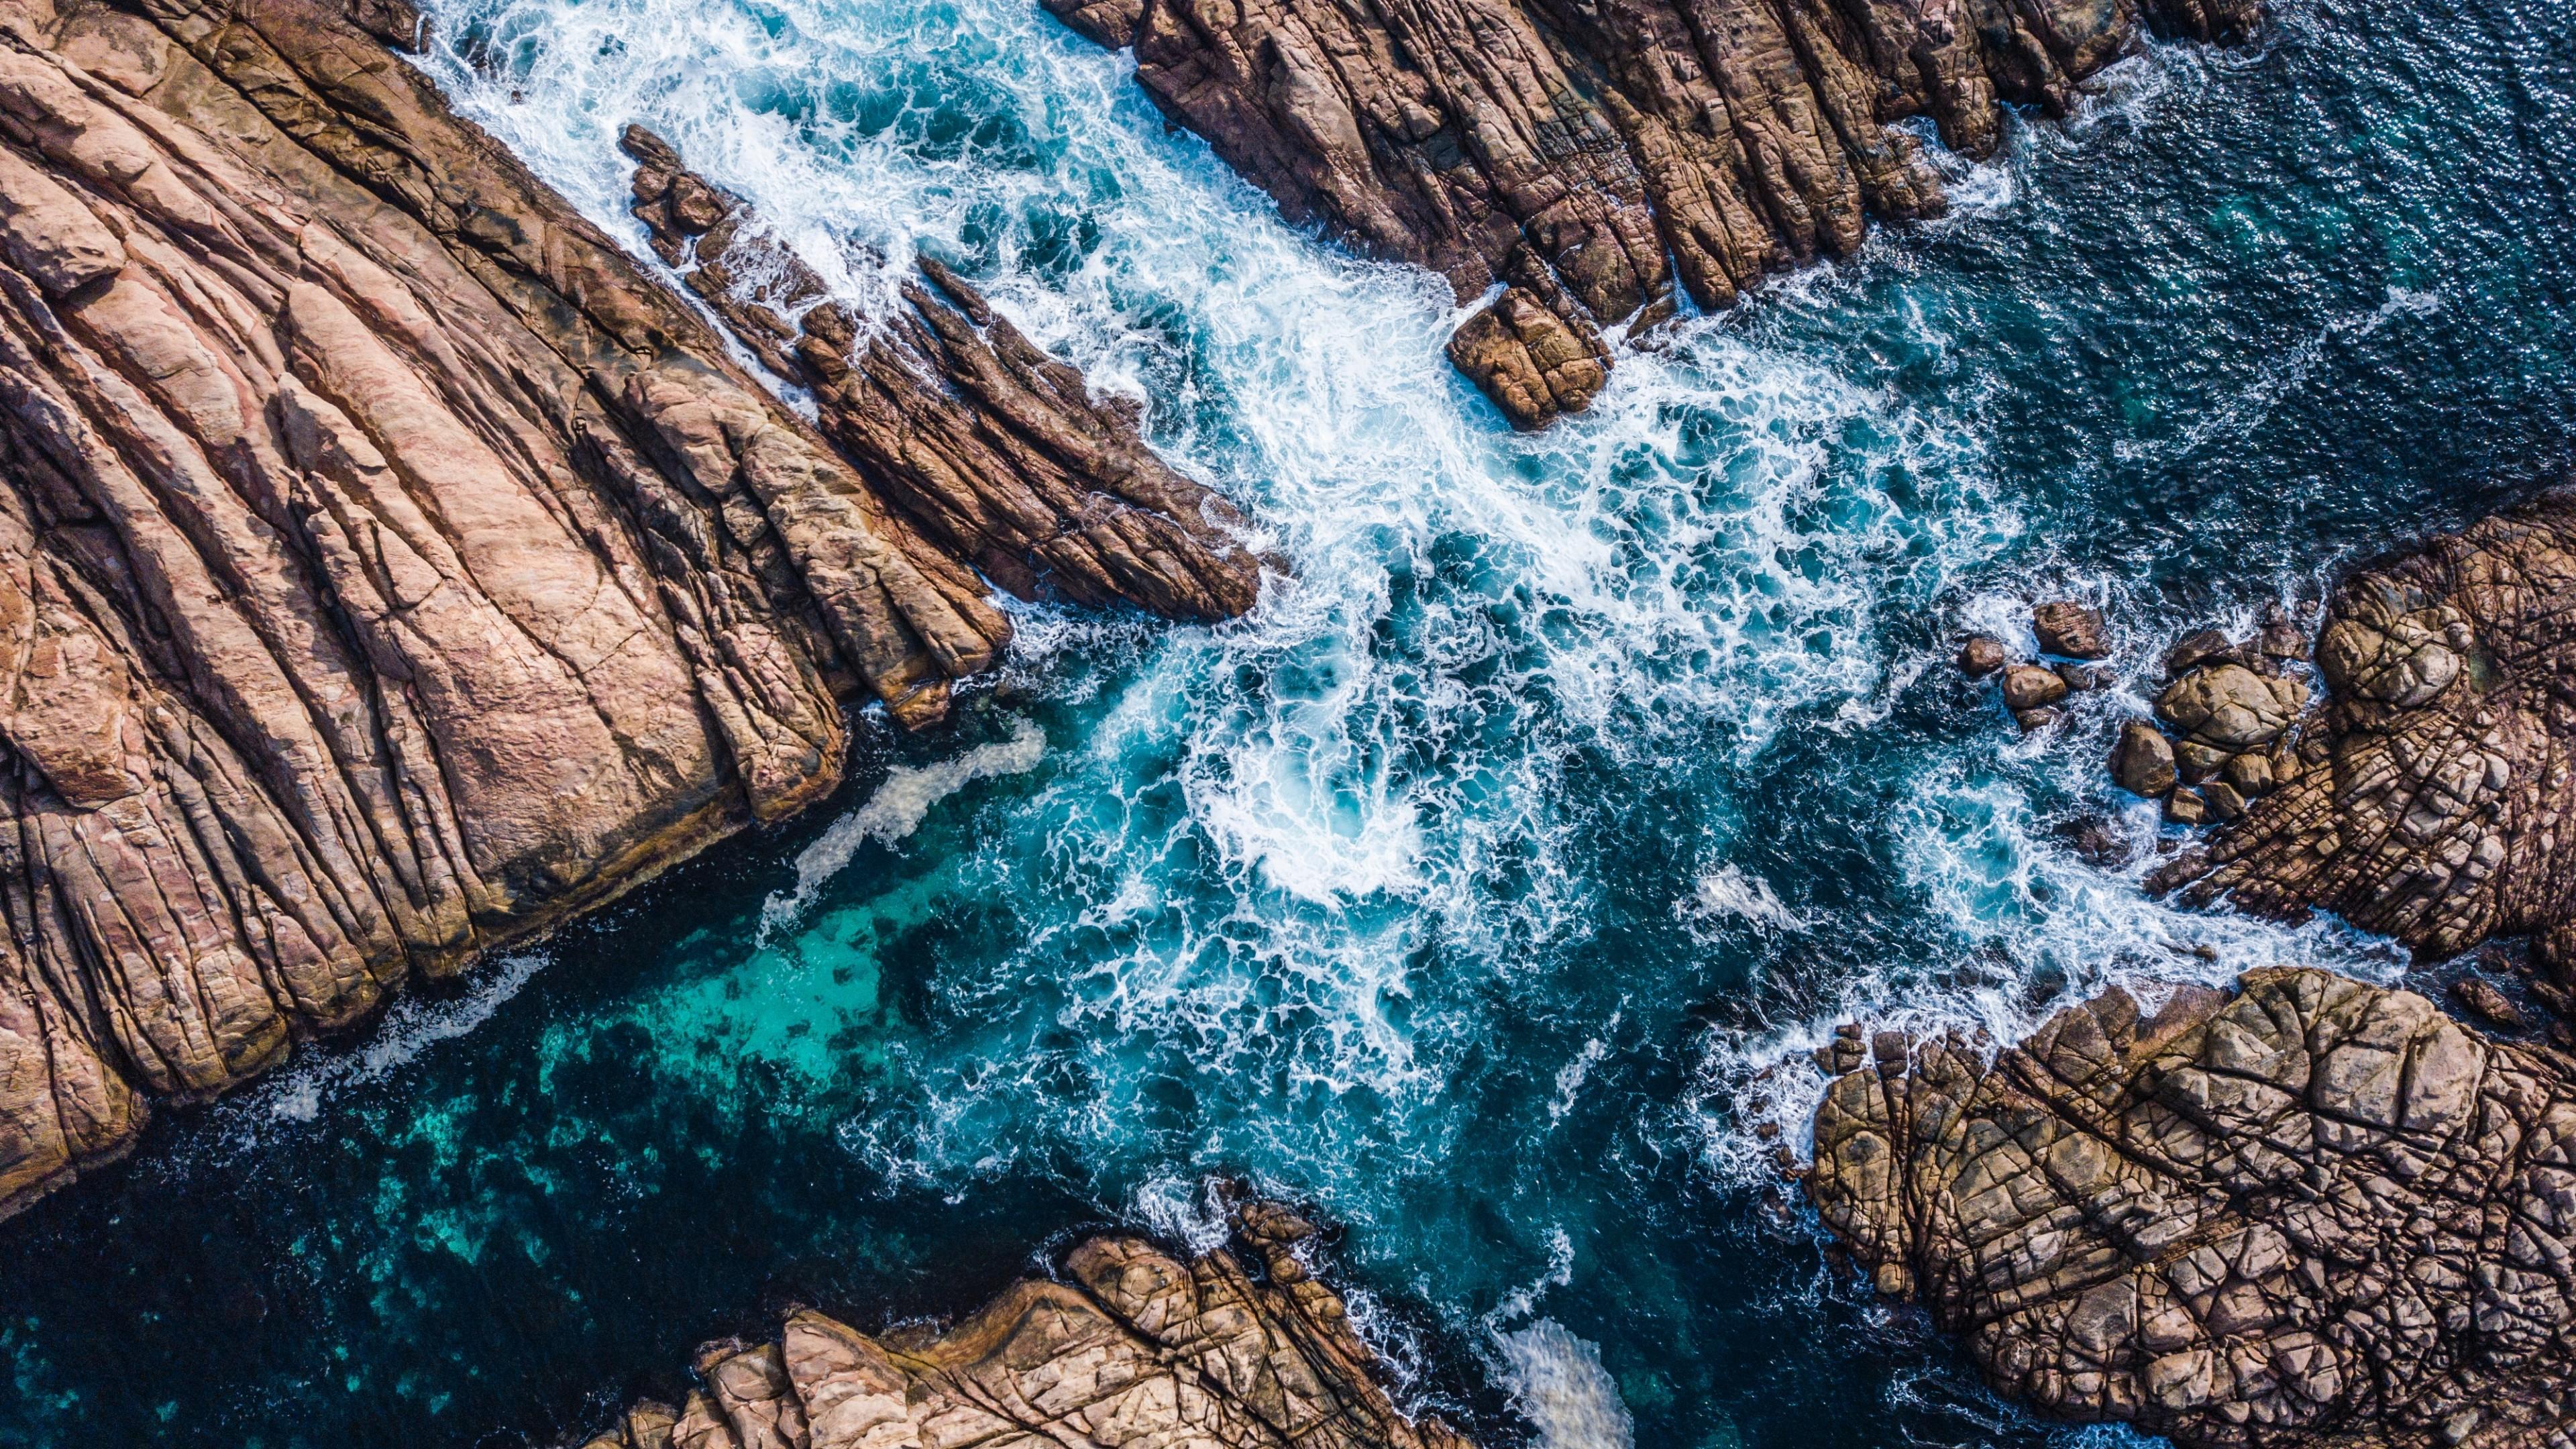 Изумрудно-синее море с белоснежной пеной и брызгами в окружении рельефных скал